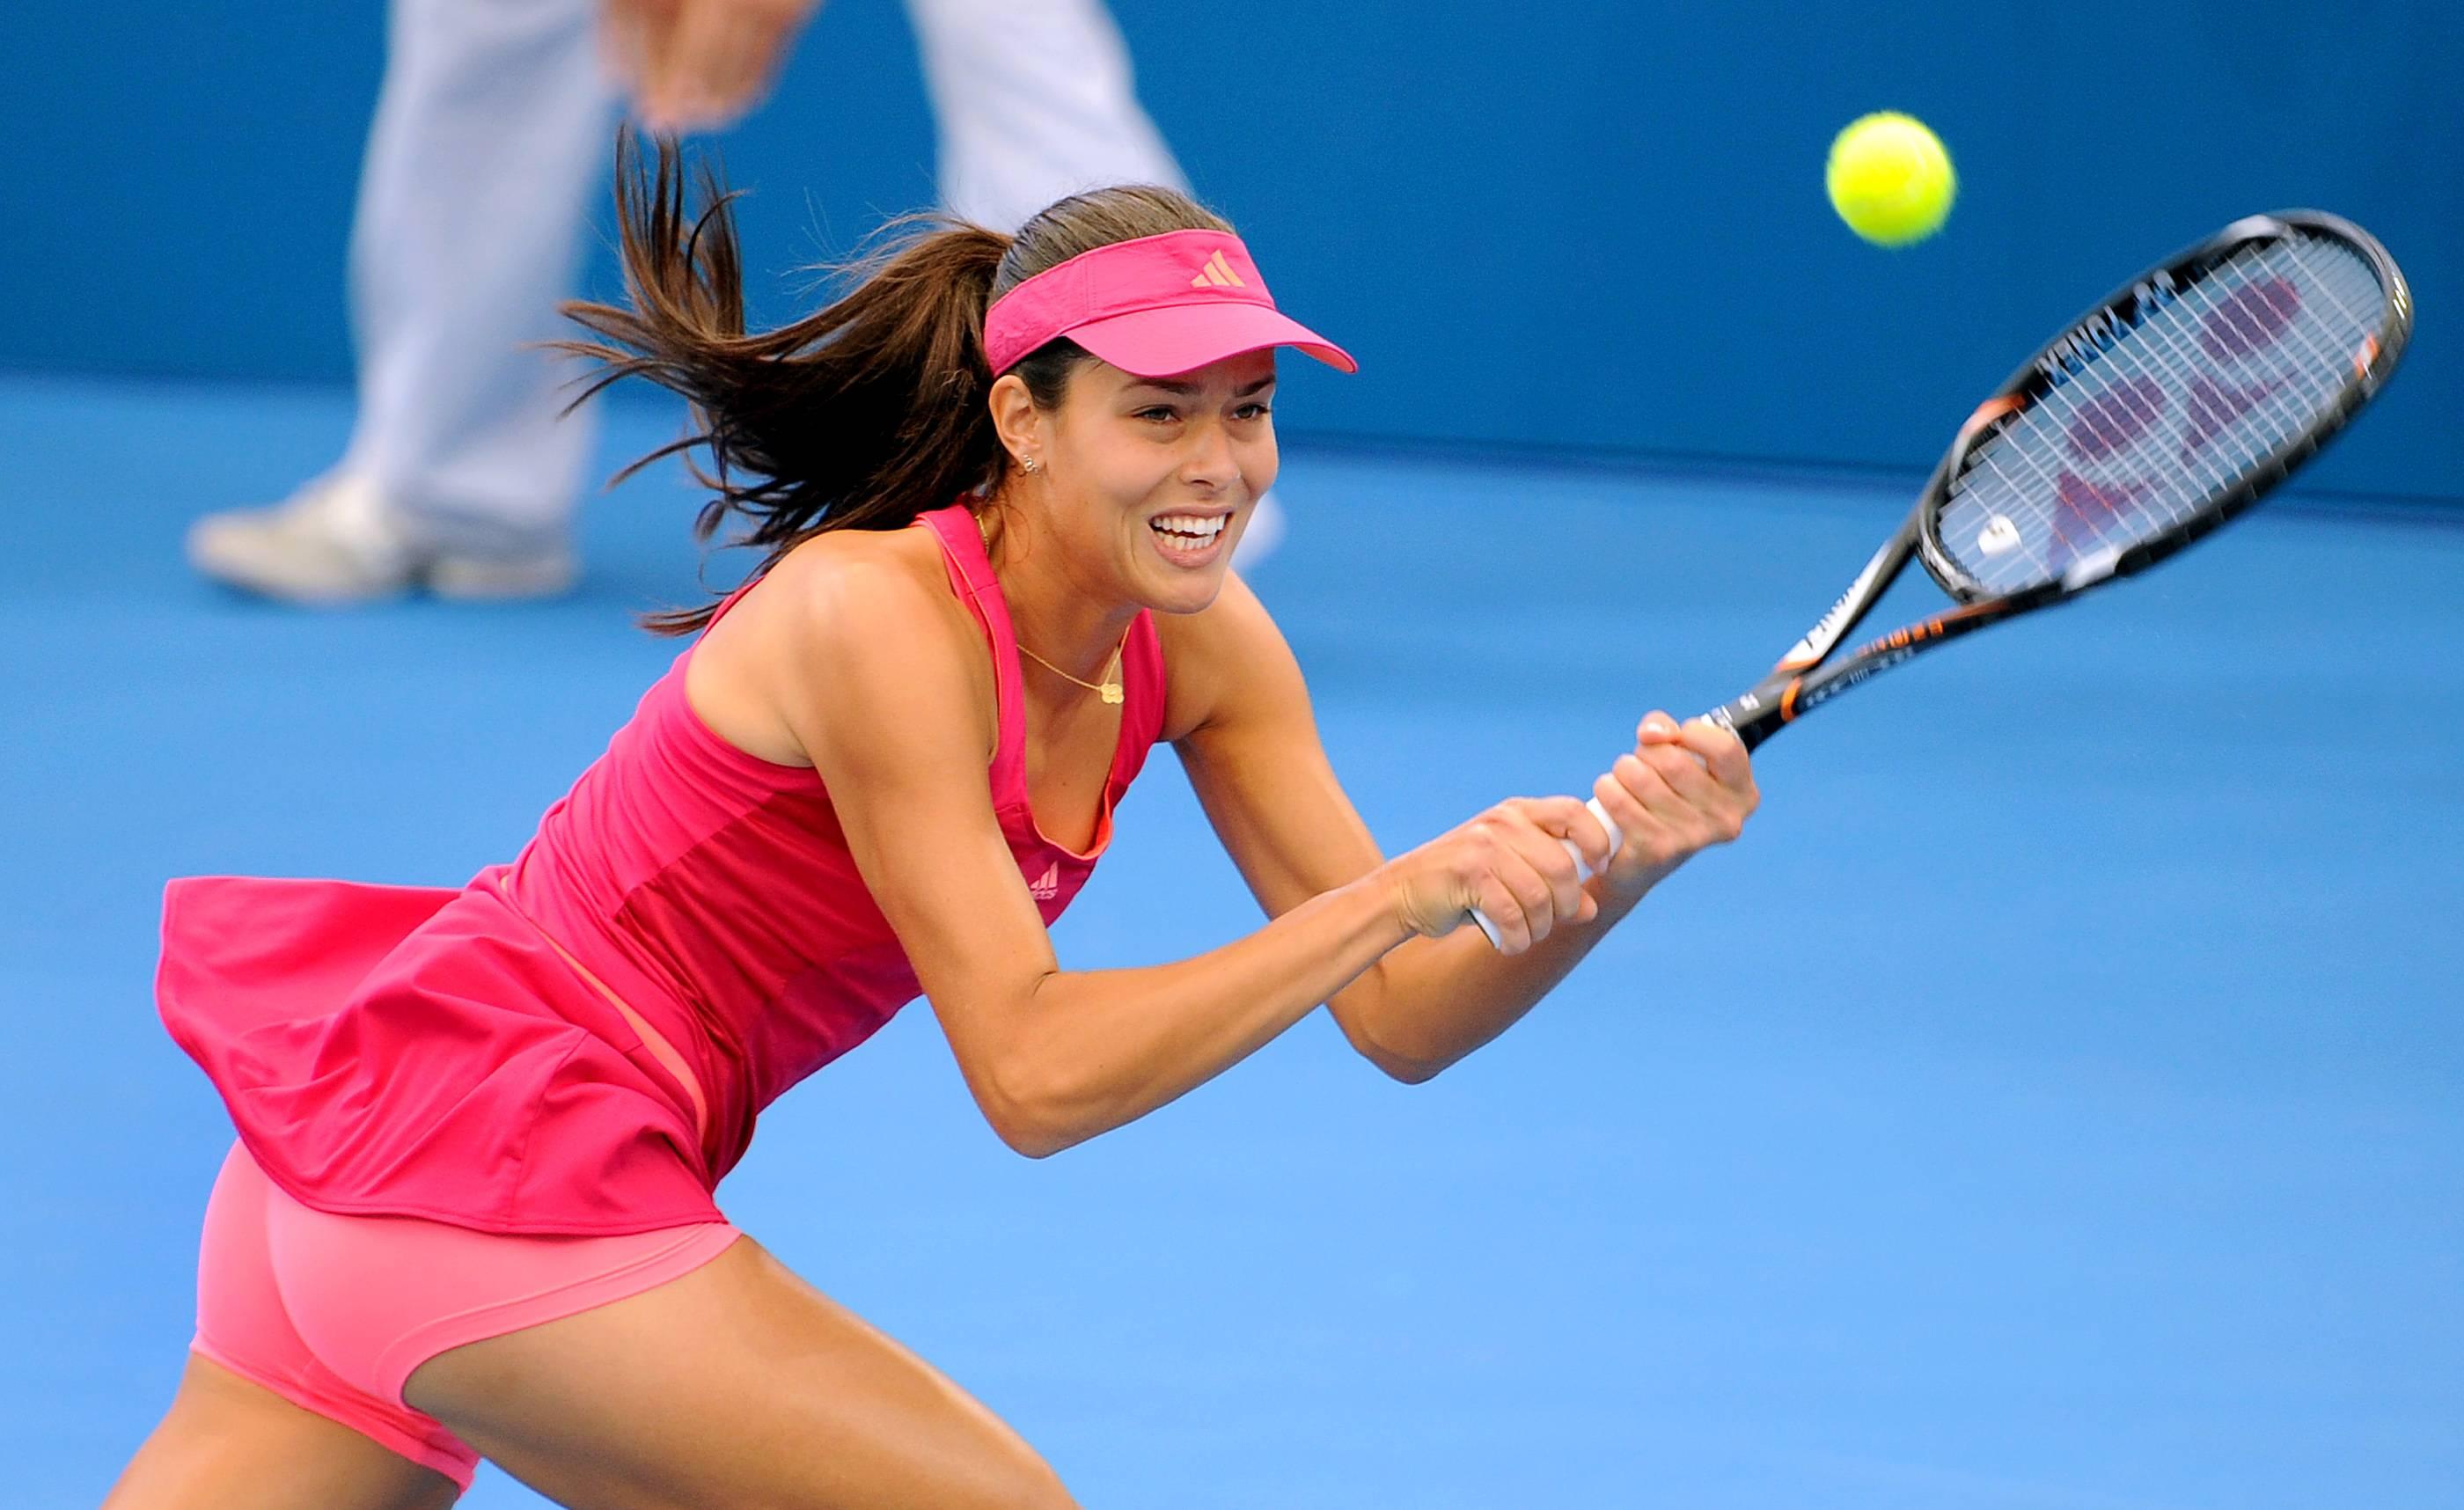 Ana Ivanovic's Upskirt Shots in Brisbane International Tennis ...